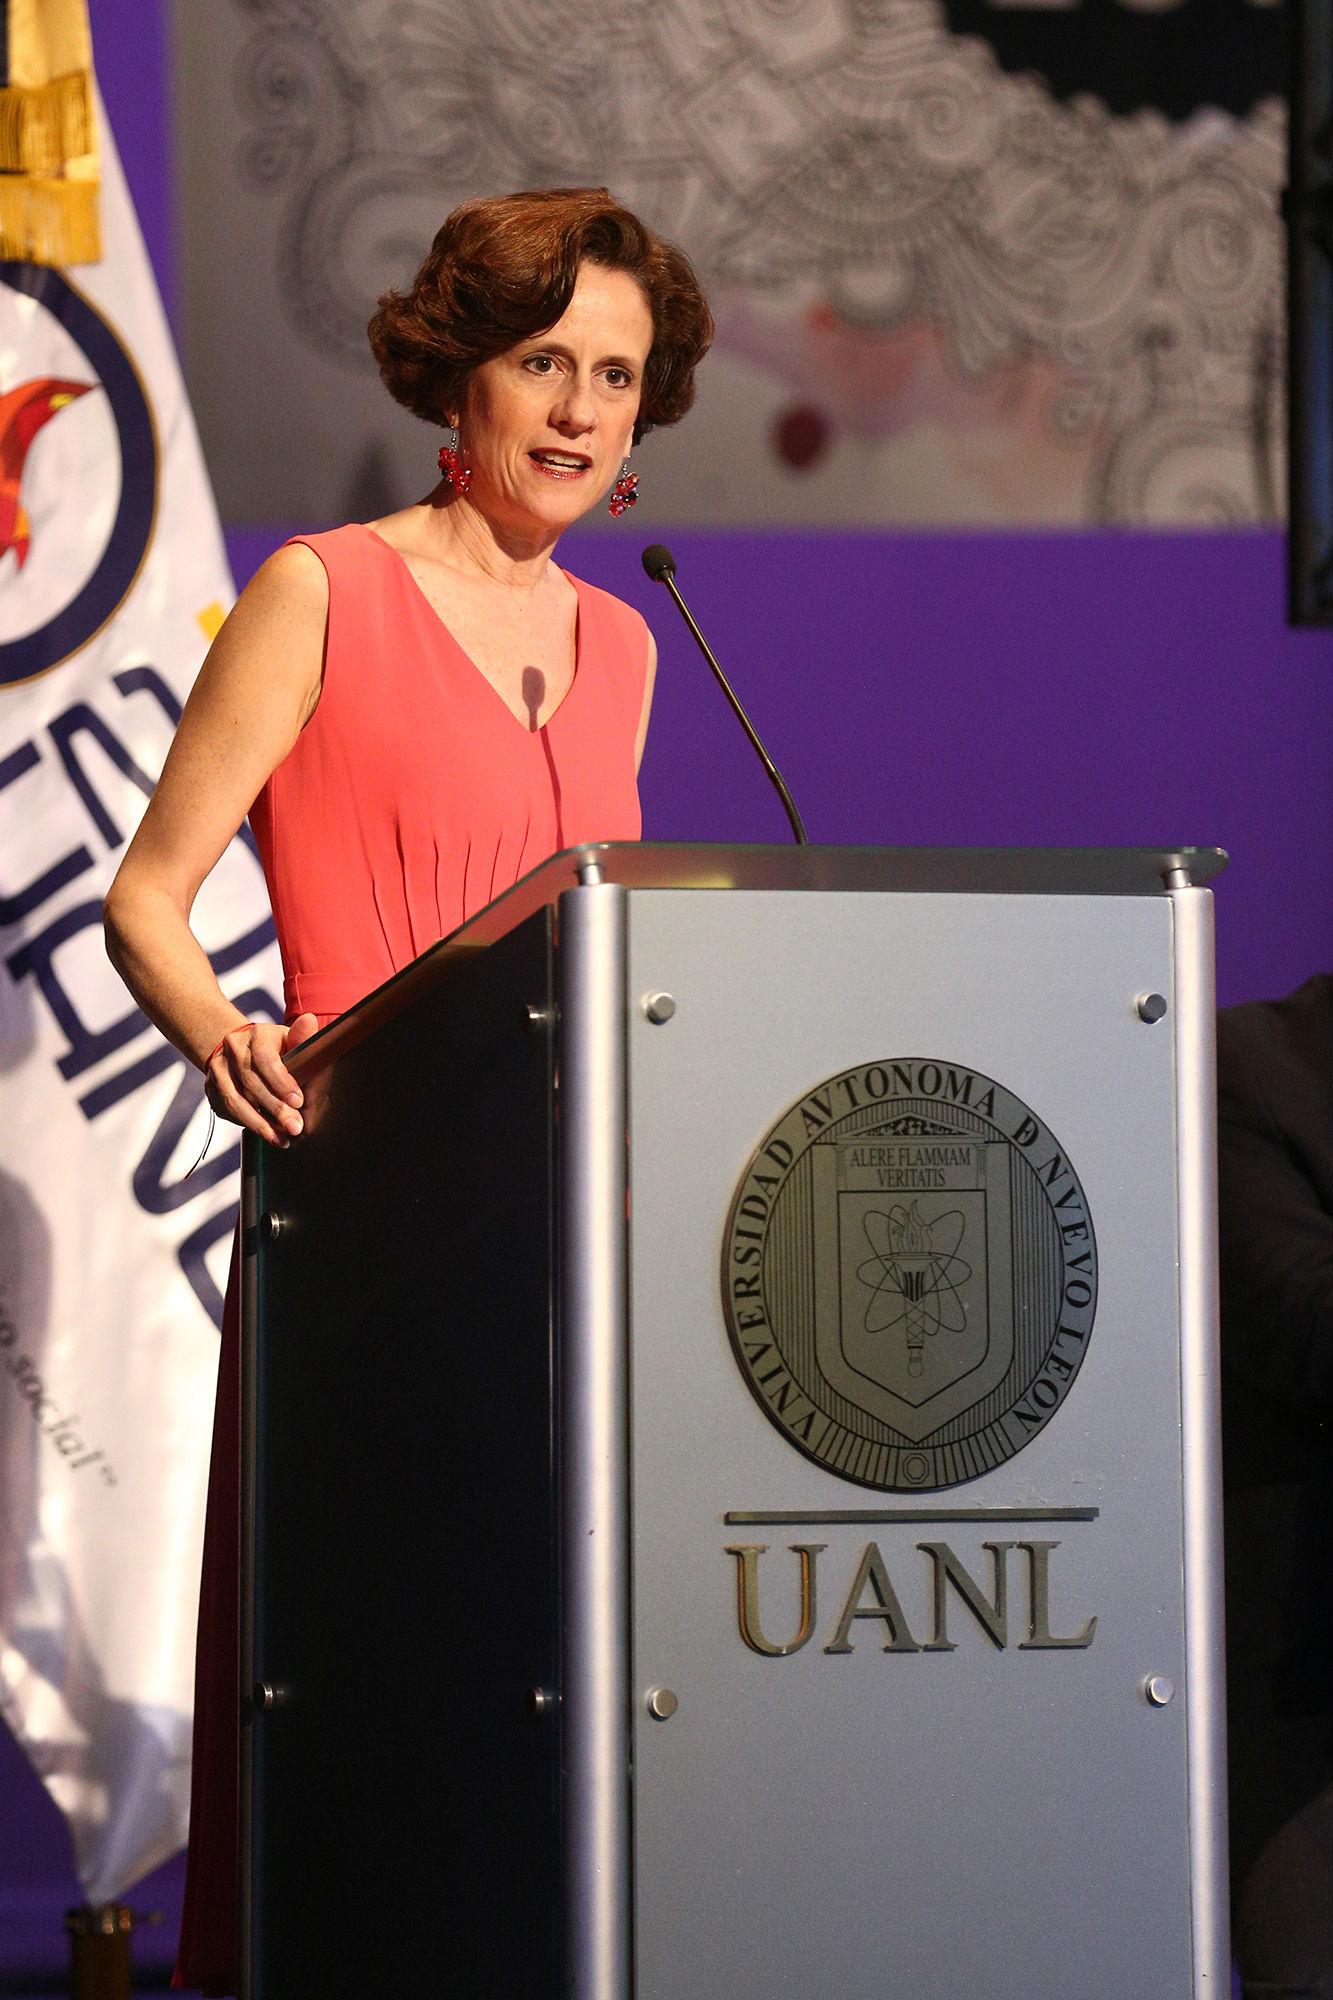 La conducción del evento estuvo a cargo de la periodista Denise Dresser